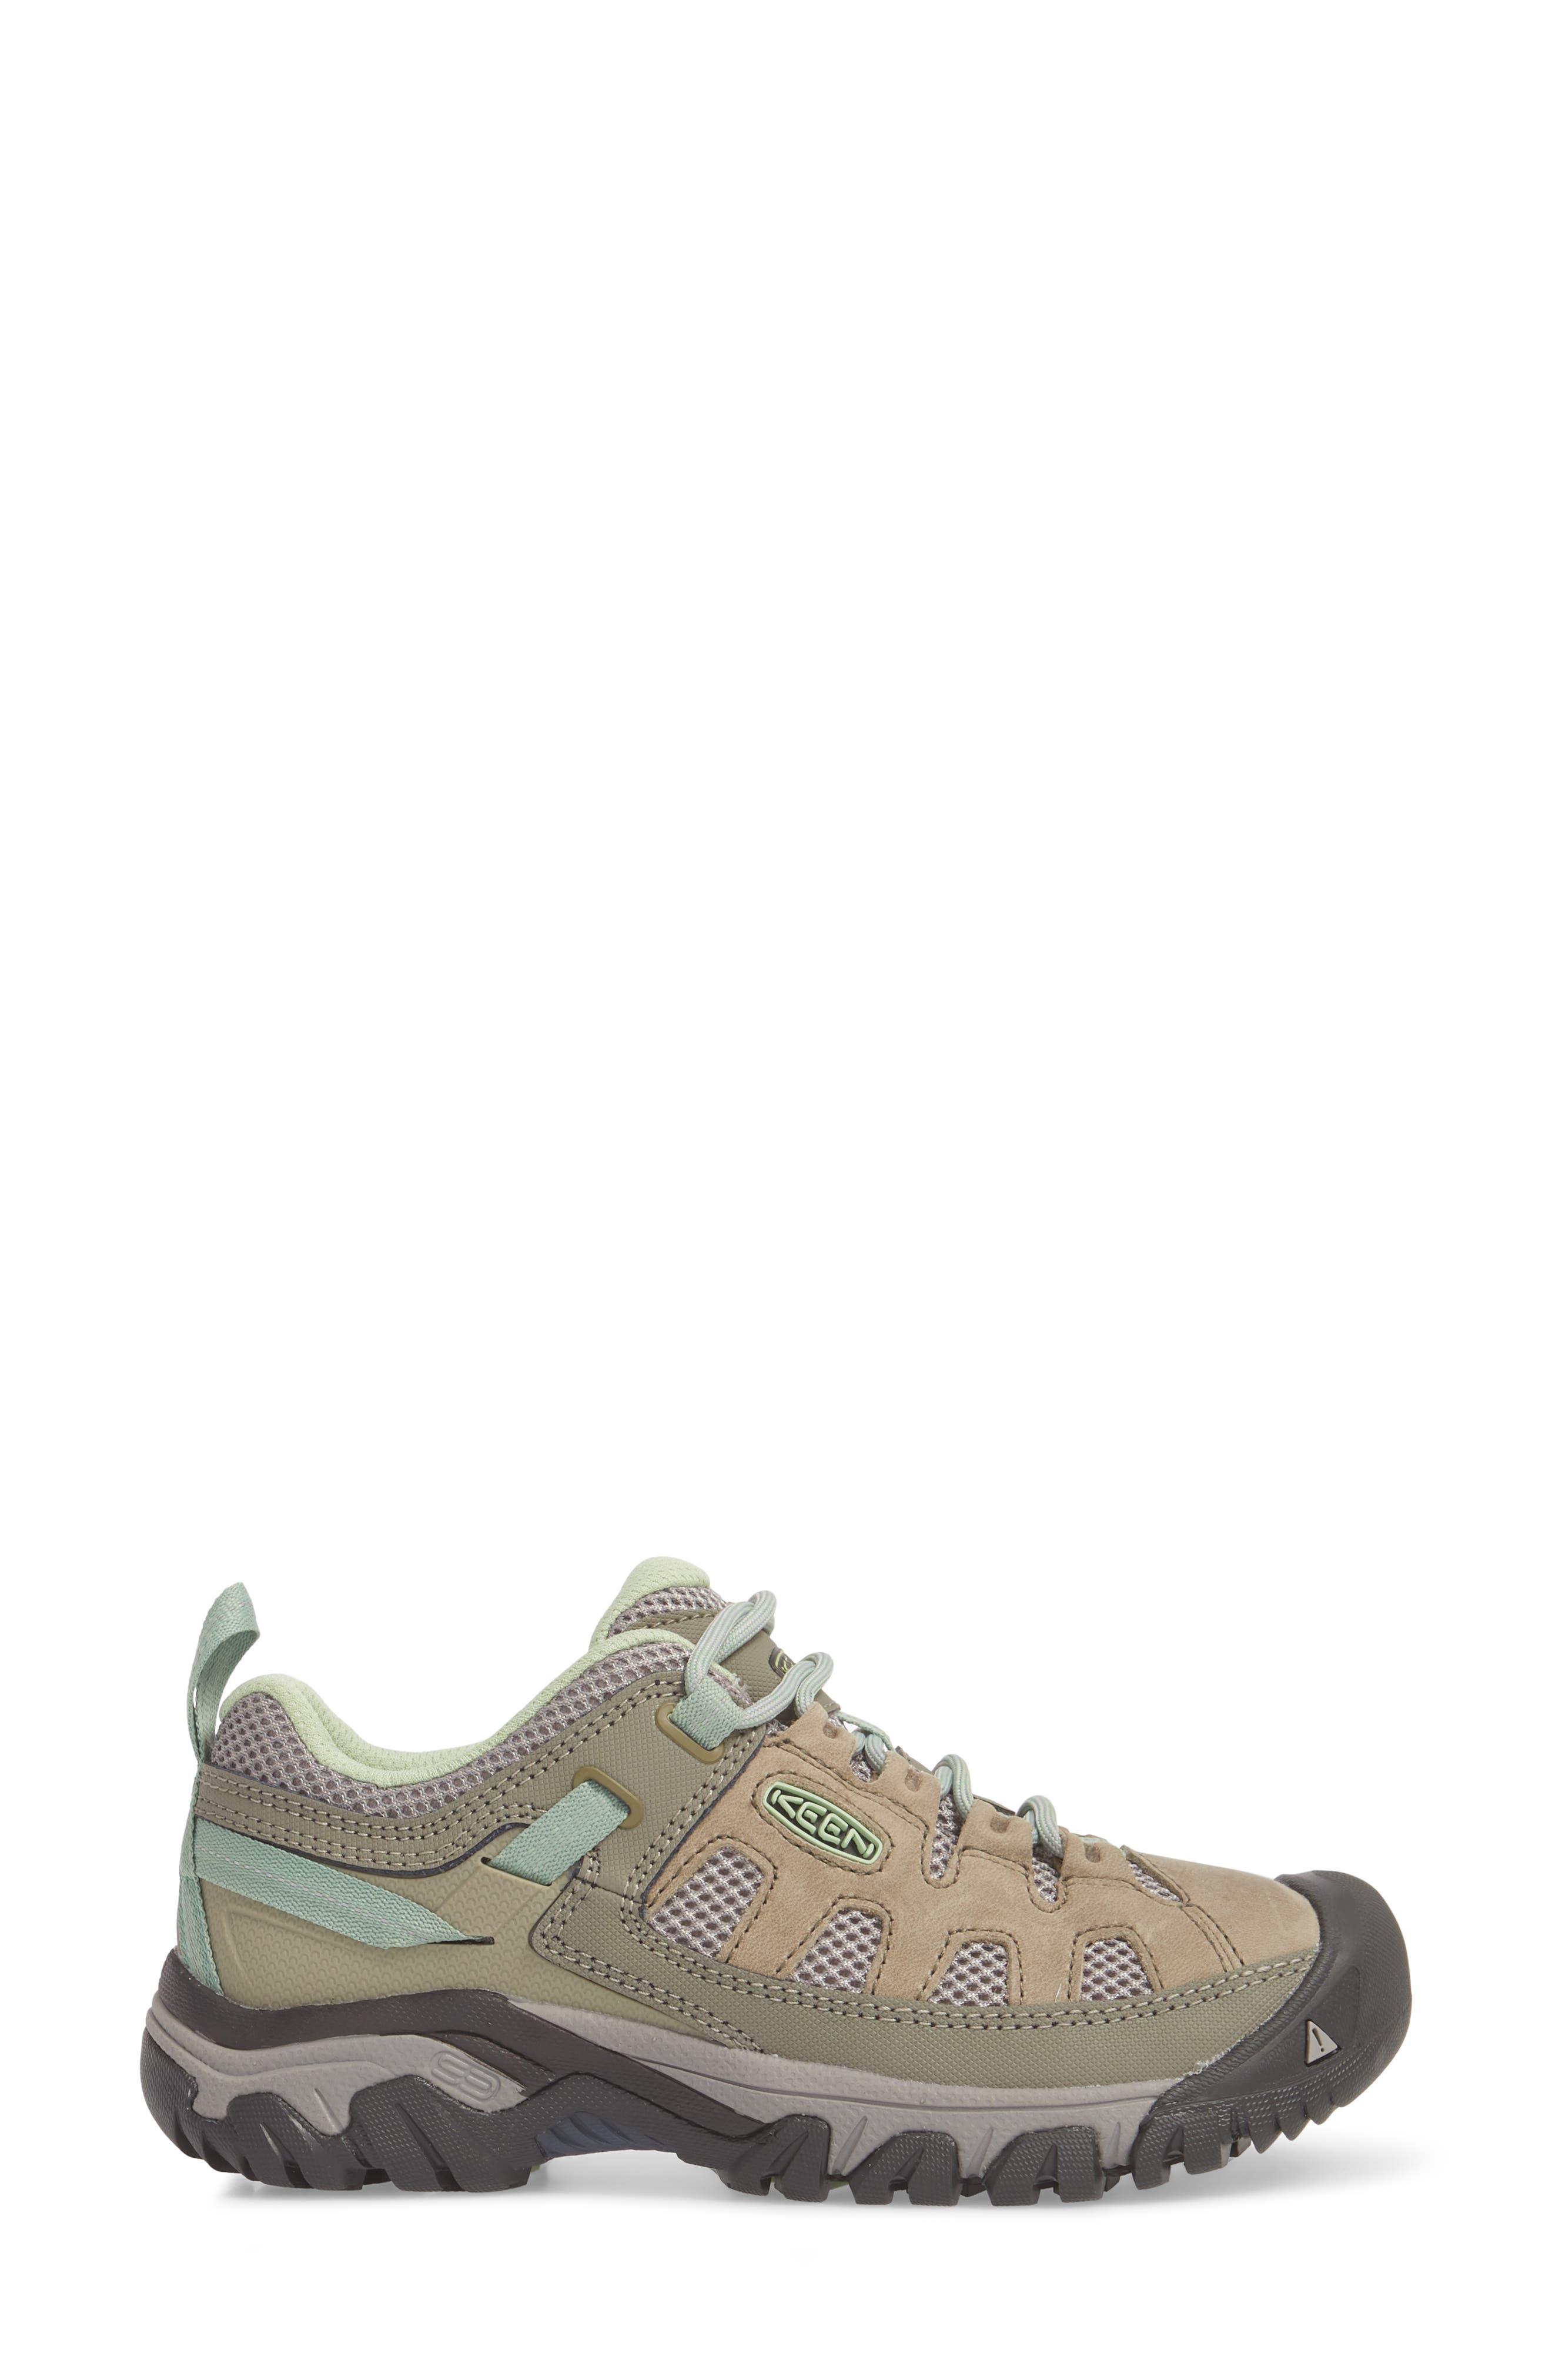 Targhee Vent Hiking Shoe,                             Alternate thumbnail 3, color,                             200